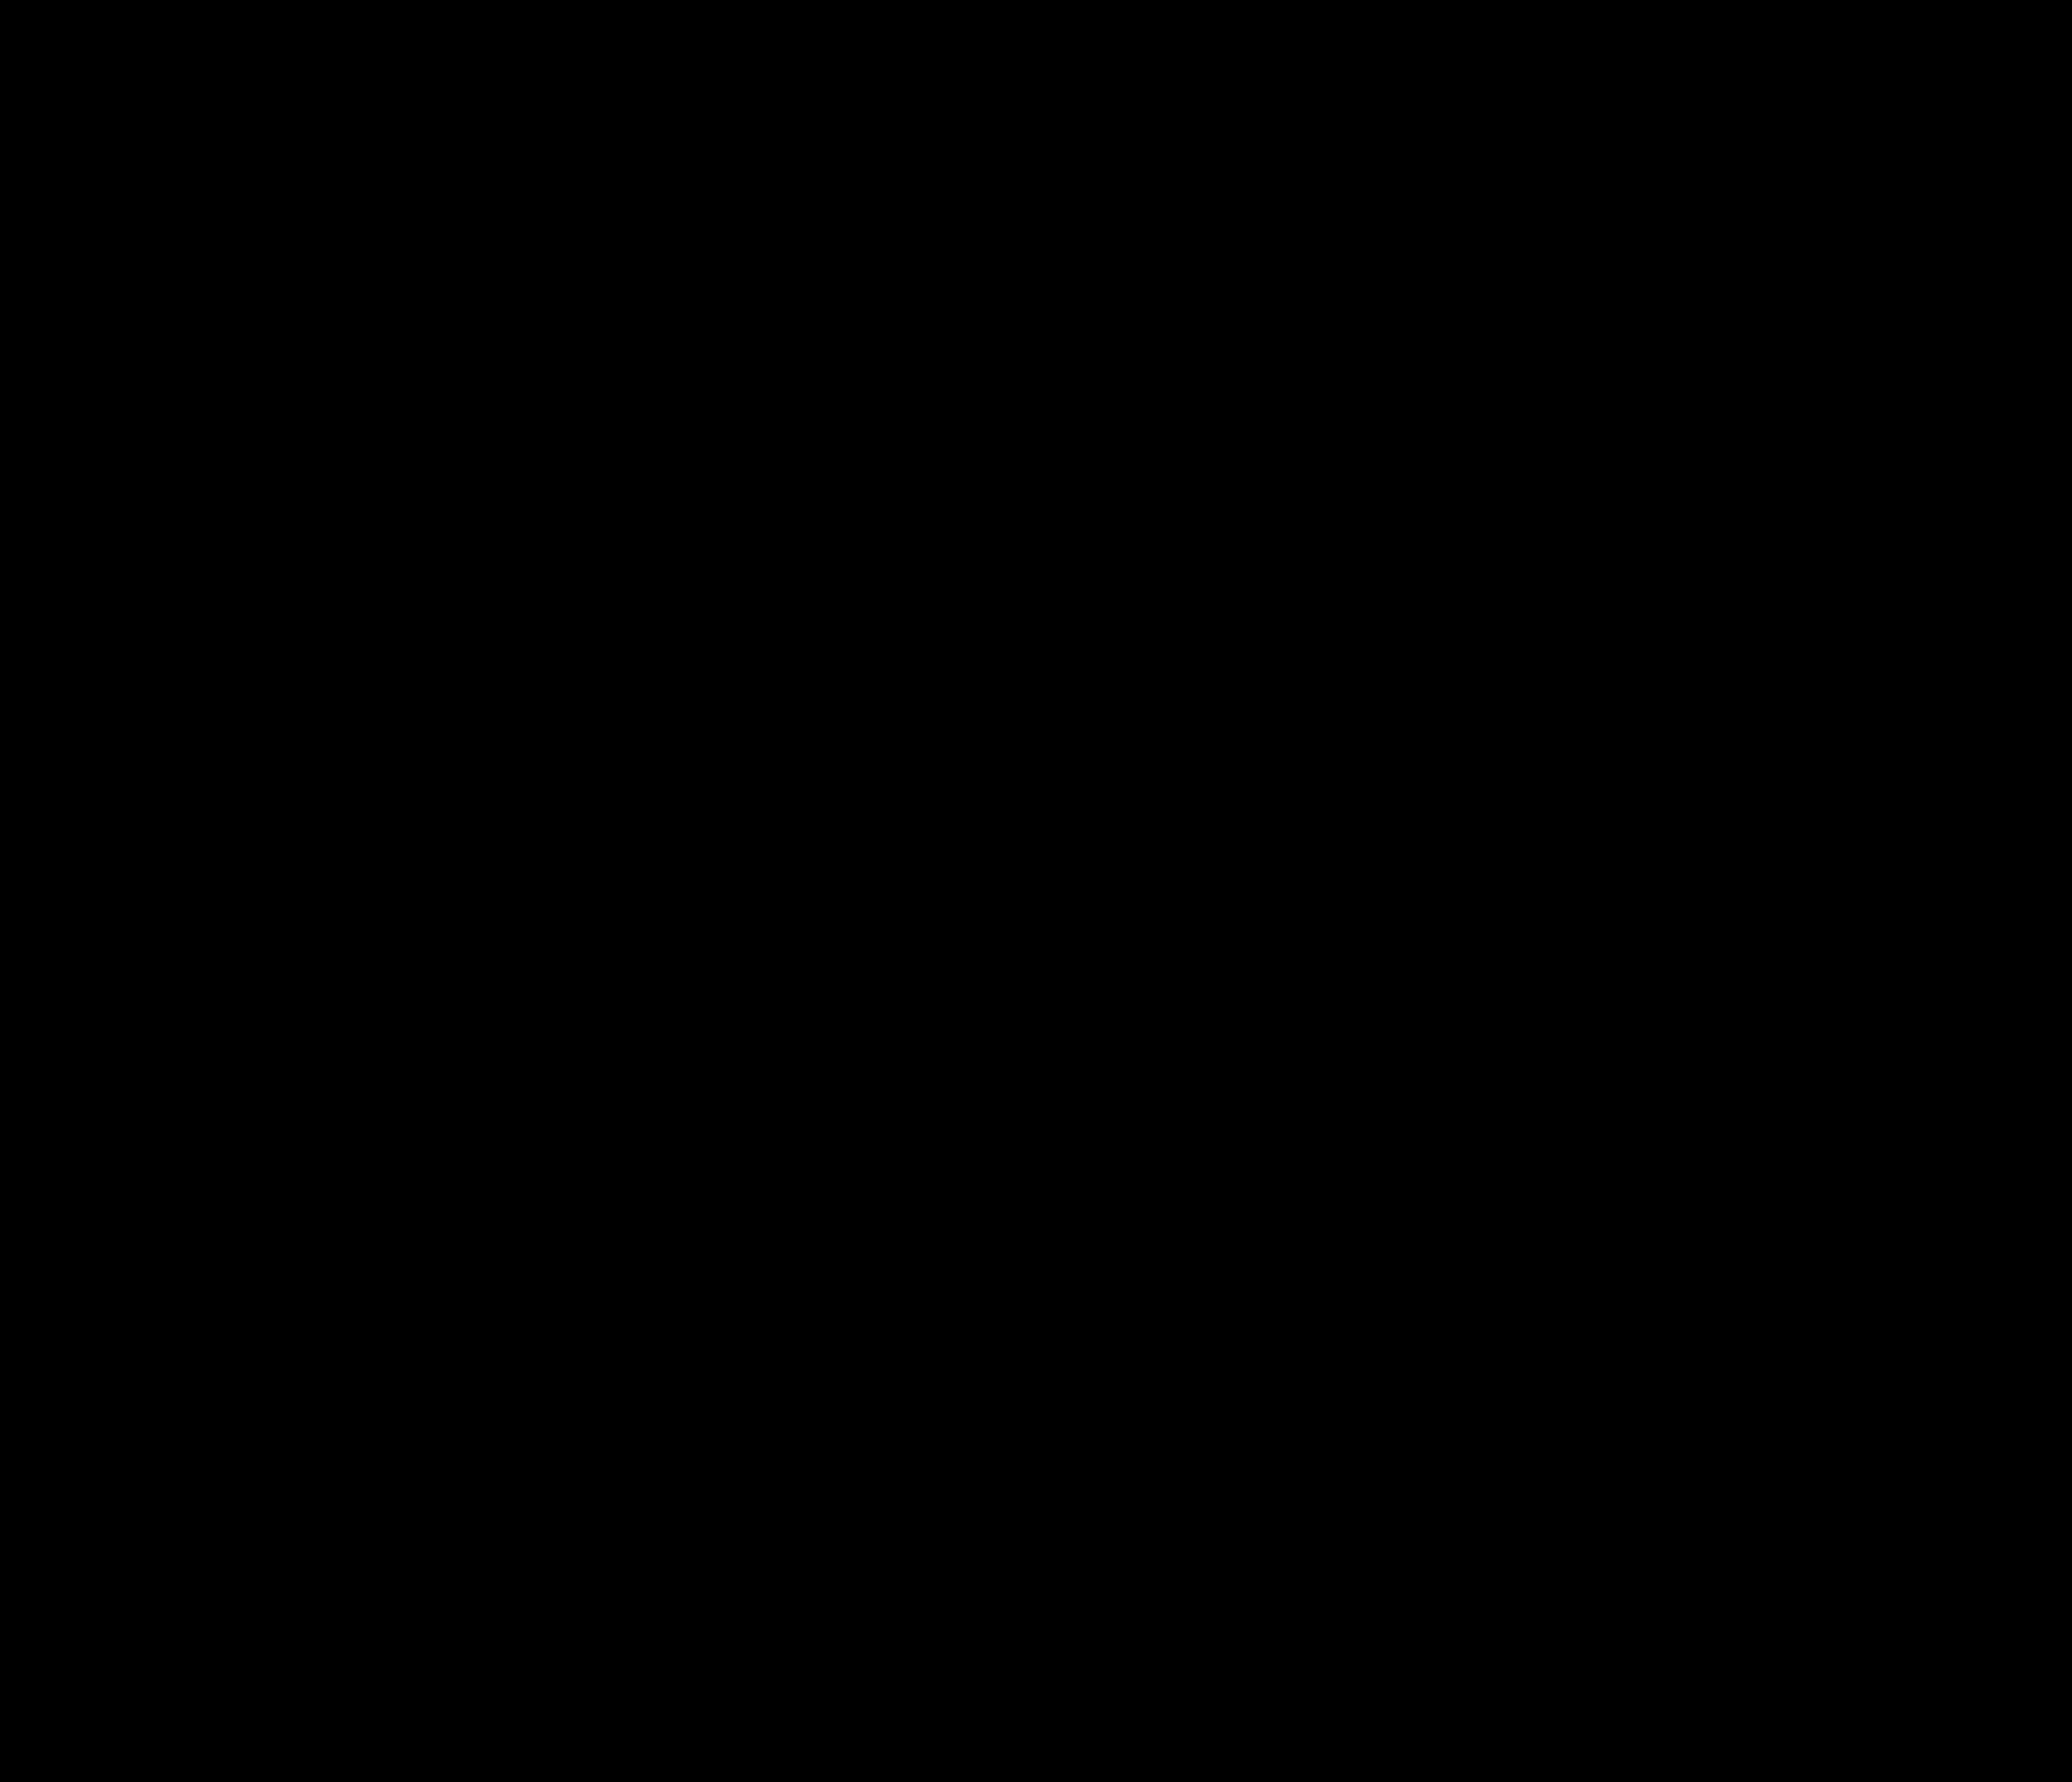 Mitsubishi Logo Png Image Logos Car Logos Logo Design